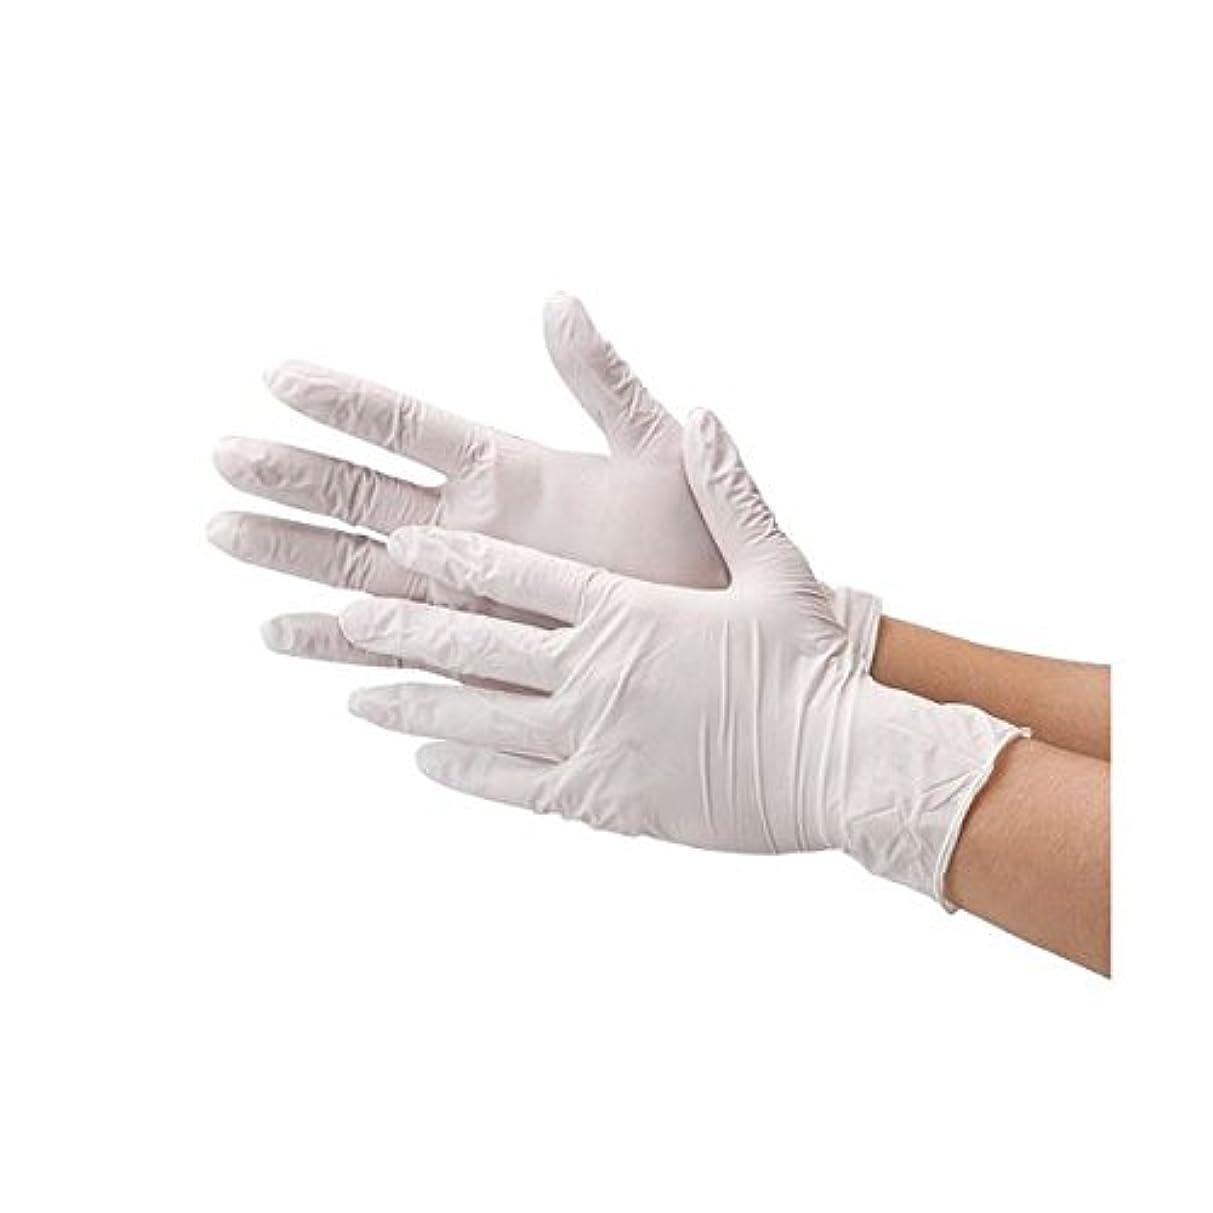 軽財政発明する川西工業 ニトリル極薄手袋 粉なしホワイトS ダイエット 健康 衛生用品 その他の衛生用品 14067381 [並行輸入品]